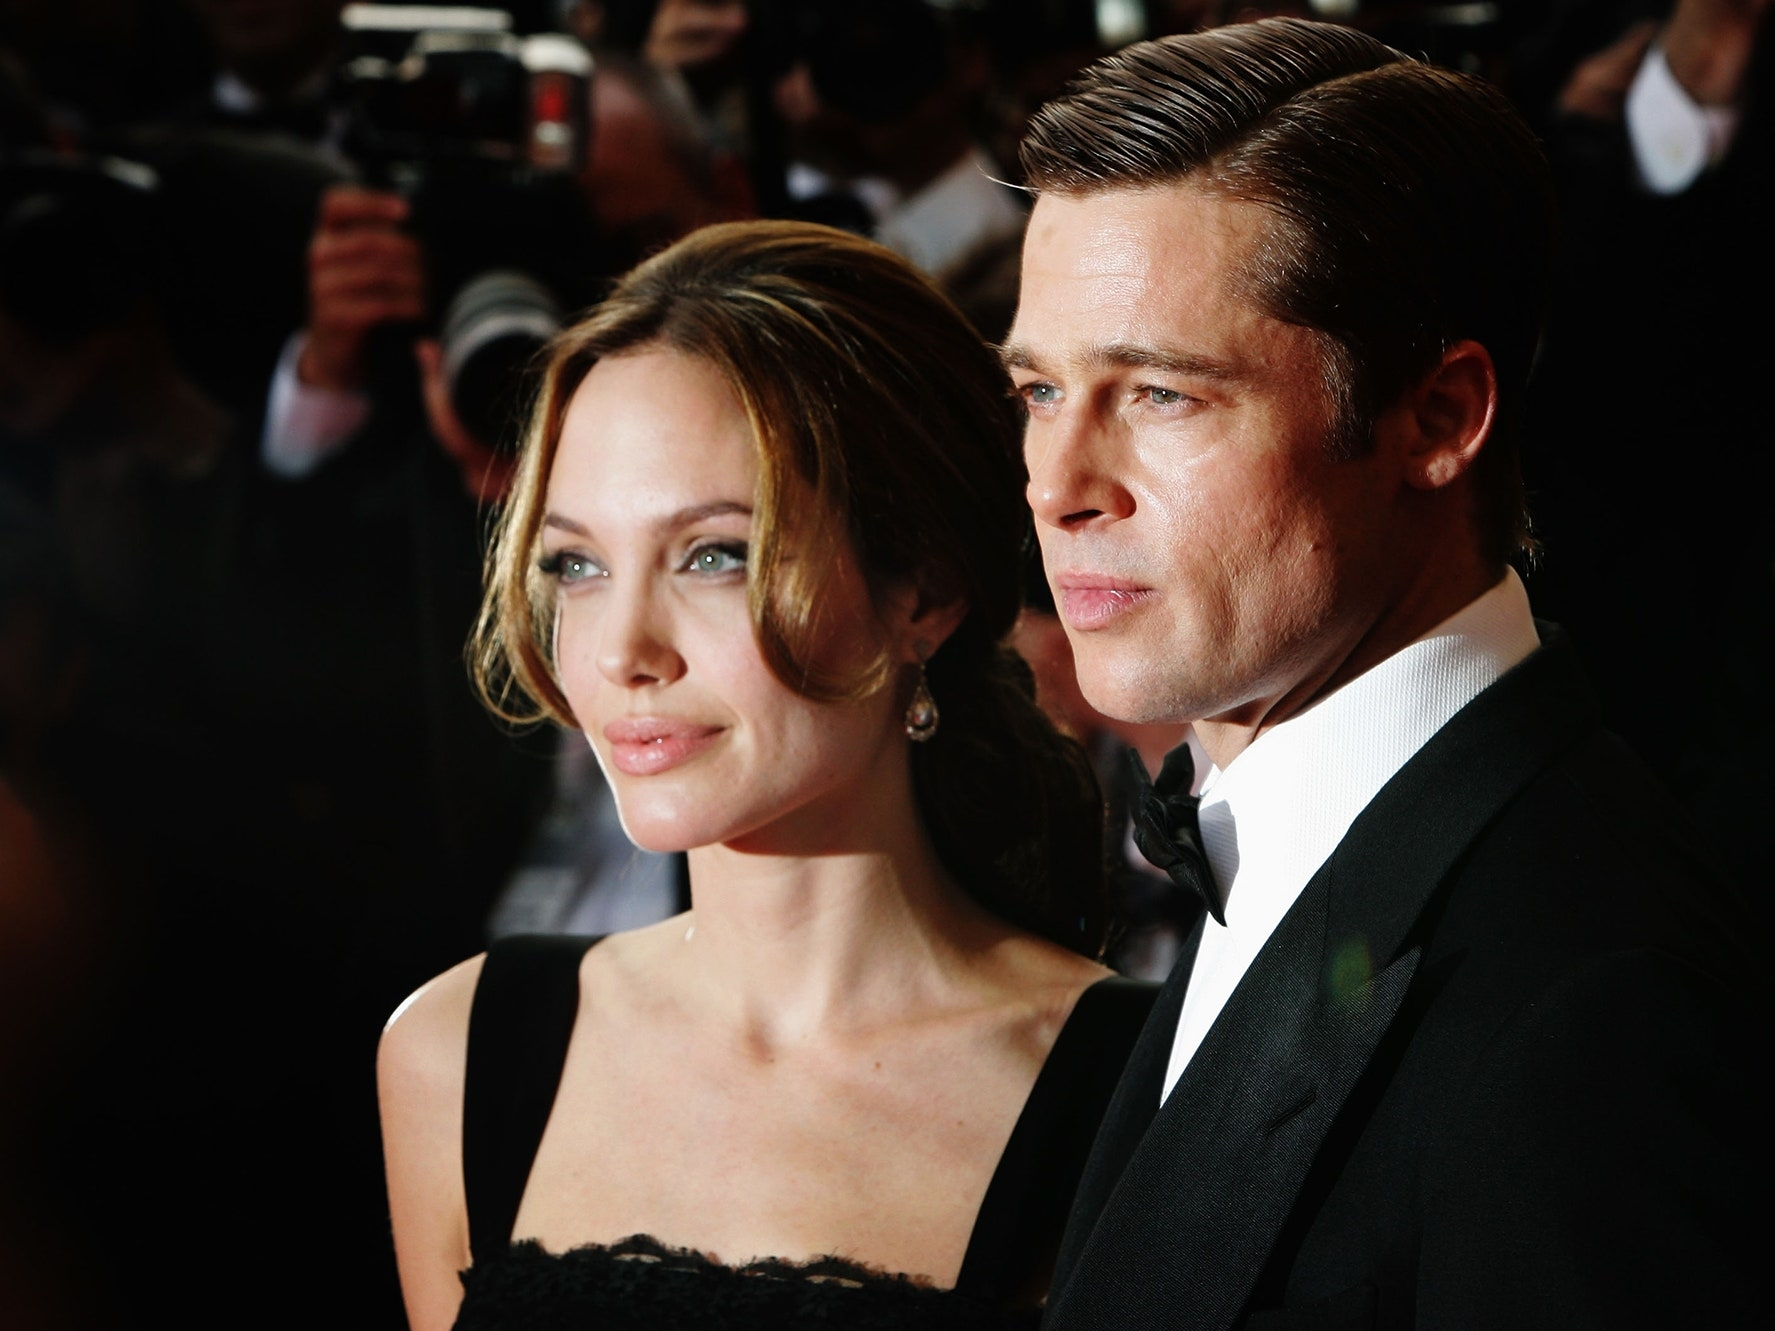 Брэд Питт снова проиграл в суде своей бывшей супруге Анджелине Джоли - фото №2